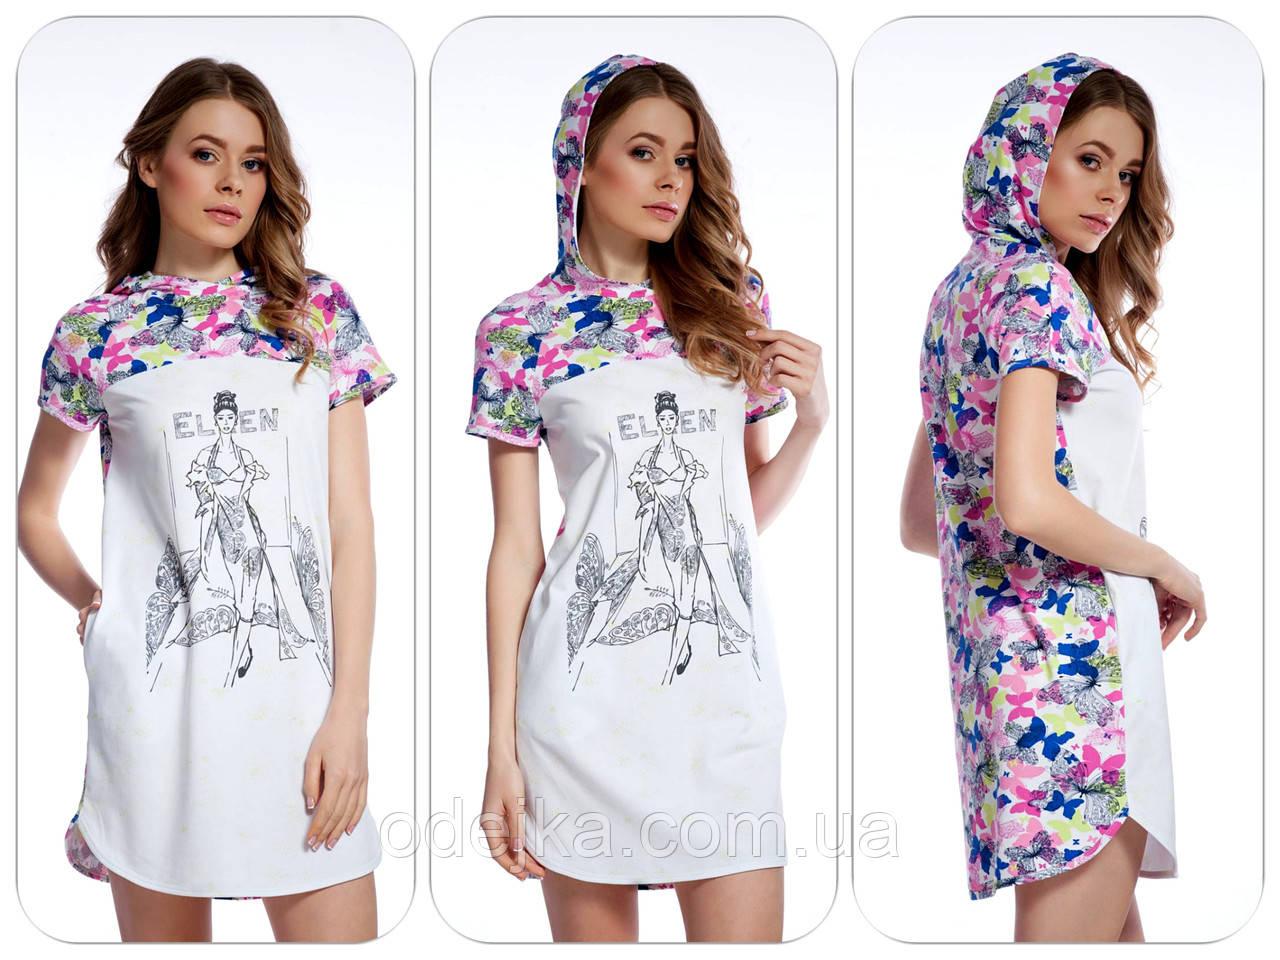 Оригінальне стильне плаття-туніка LND 027/001 з метеликами ELLEN .